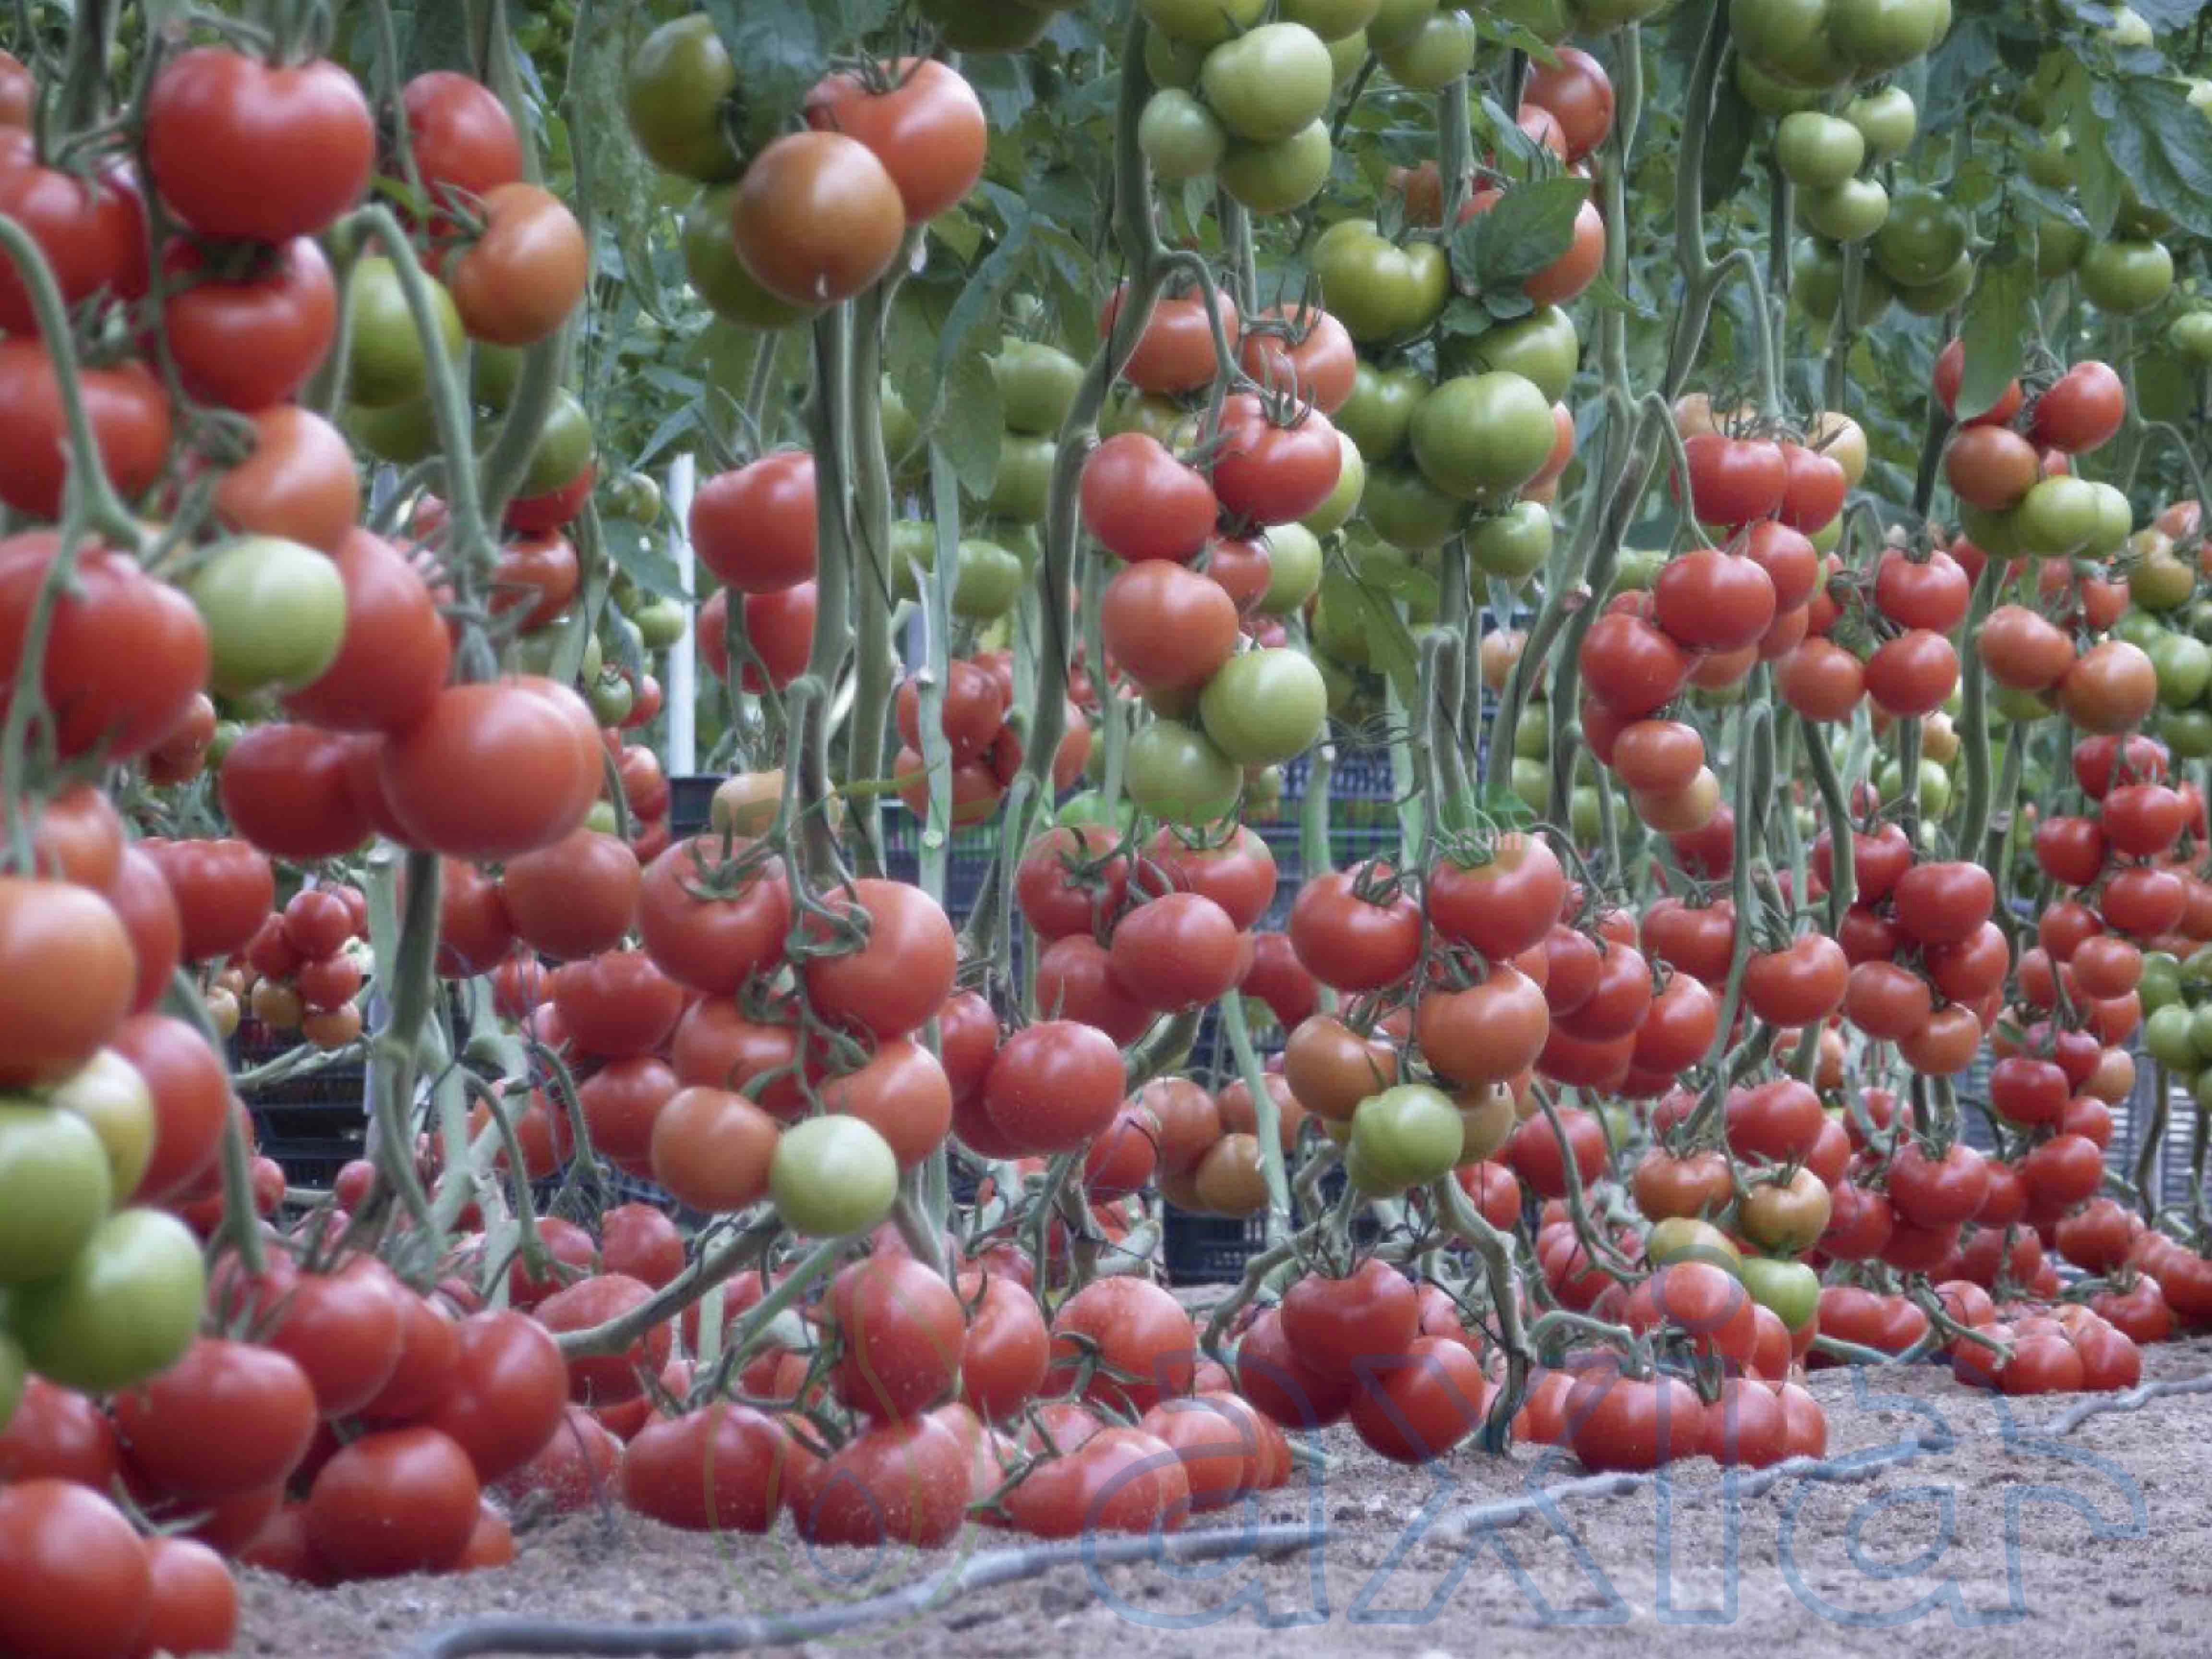 Semillas De Tomate Corazón De Buey Mira F1 De Axia Seeds Jitomate Vademécum De Semillas